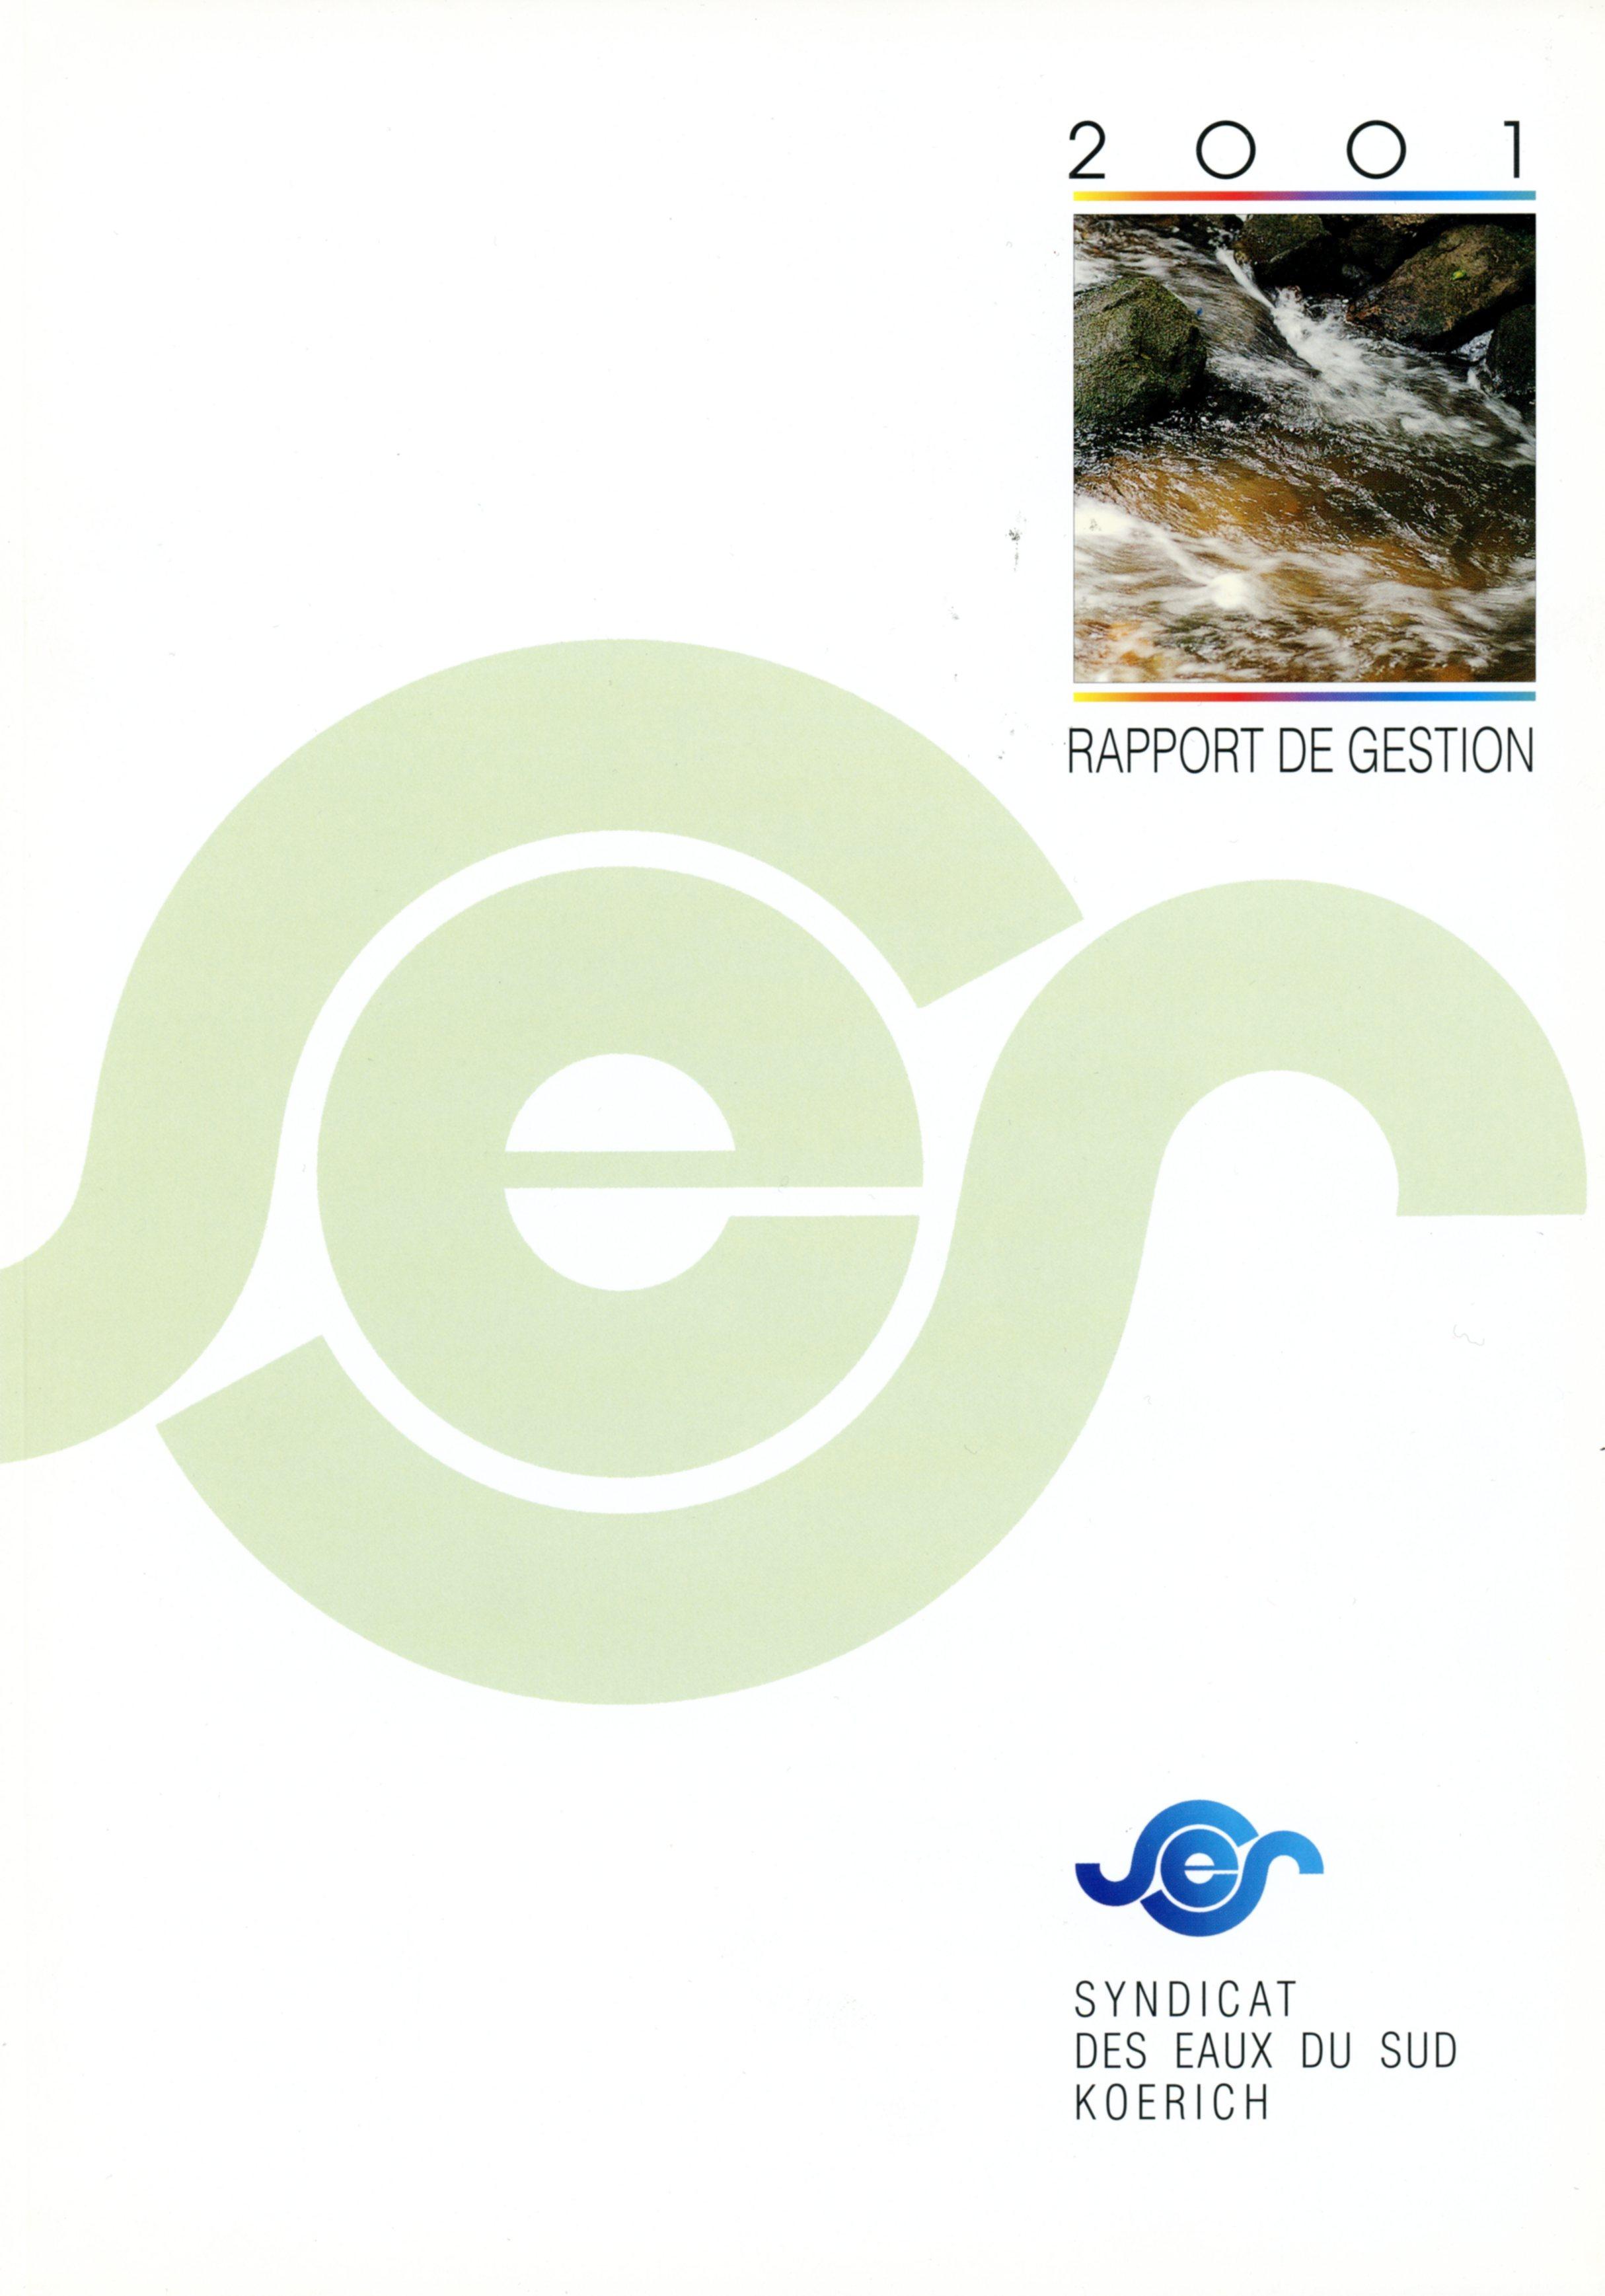 Rapport annuel SES Syndicat des Eaux du Sud Koerich Lex & Pit Weyer 2001